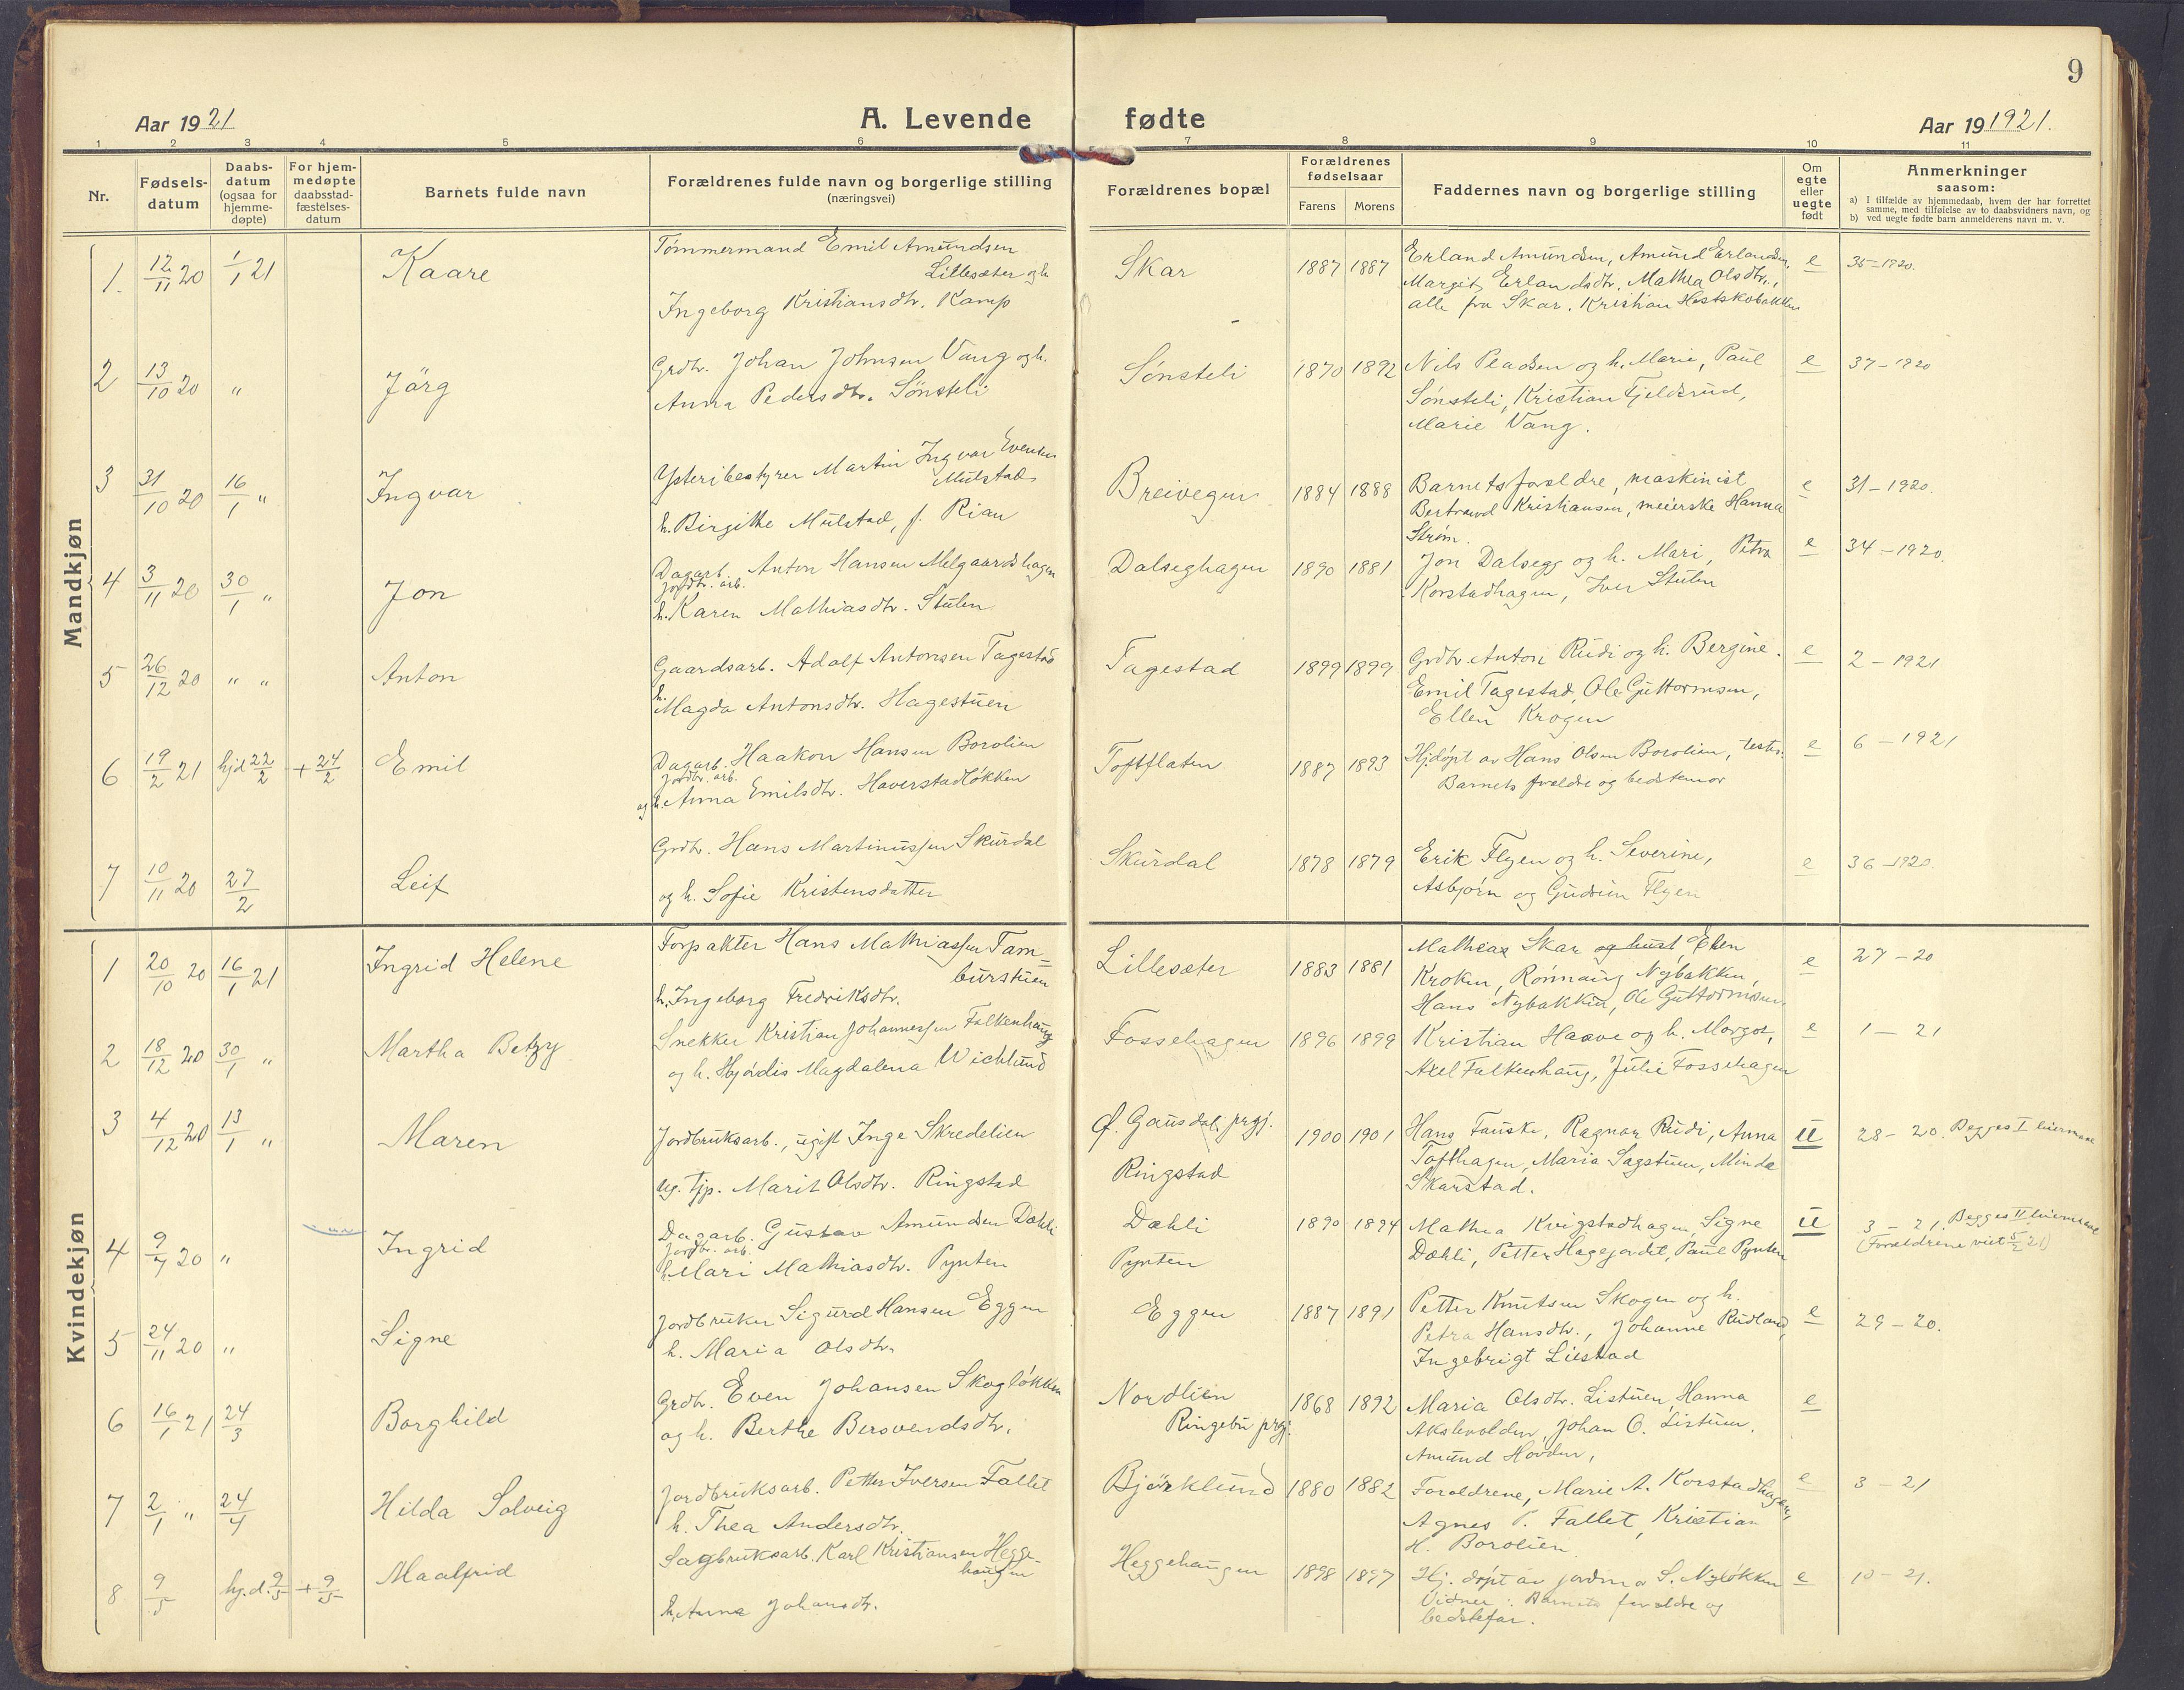 SAH, Sør-Fron prestekontor, H/Ha/Haa/L0005: Ministerialbok nr. 5, 1920-1933, s. 9